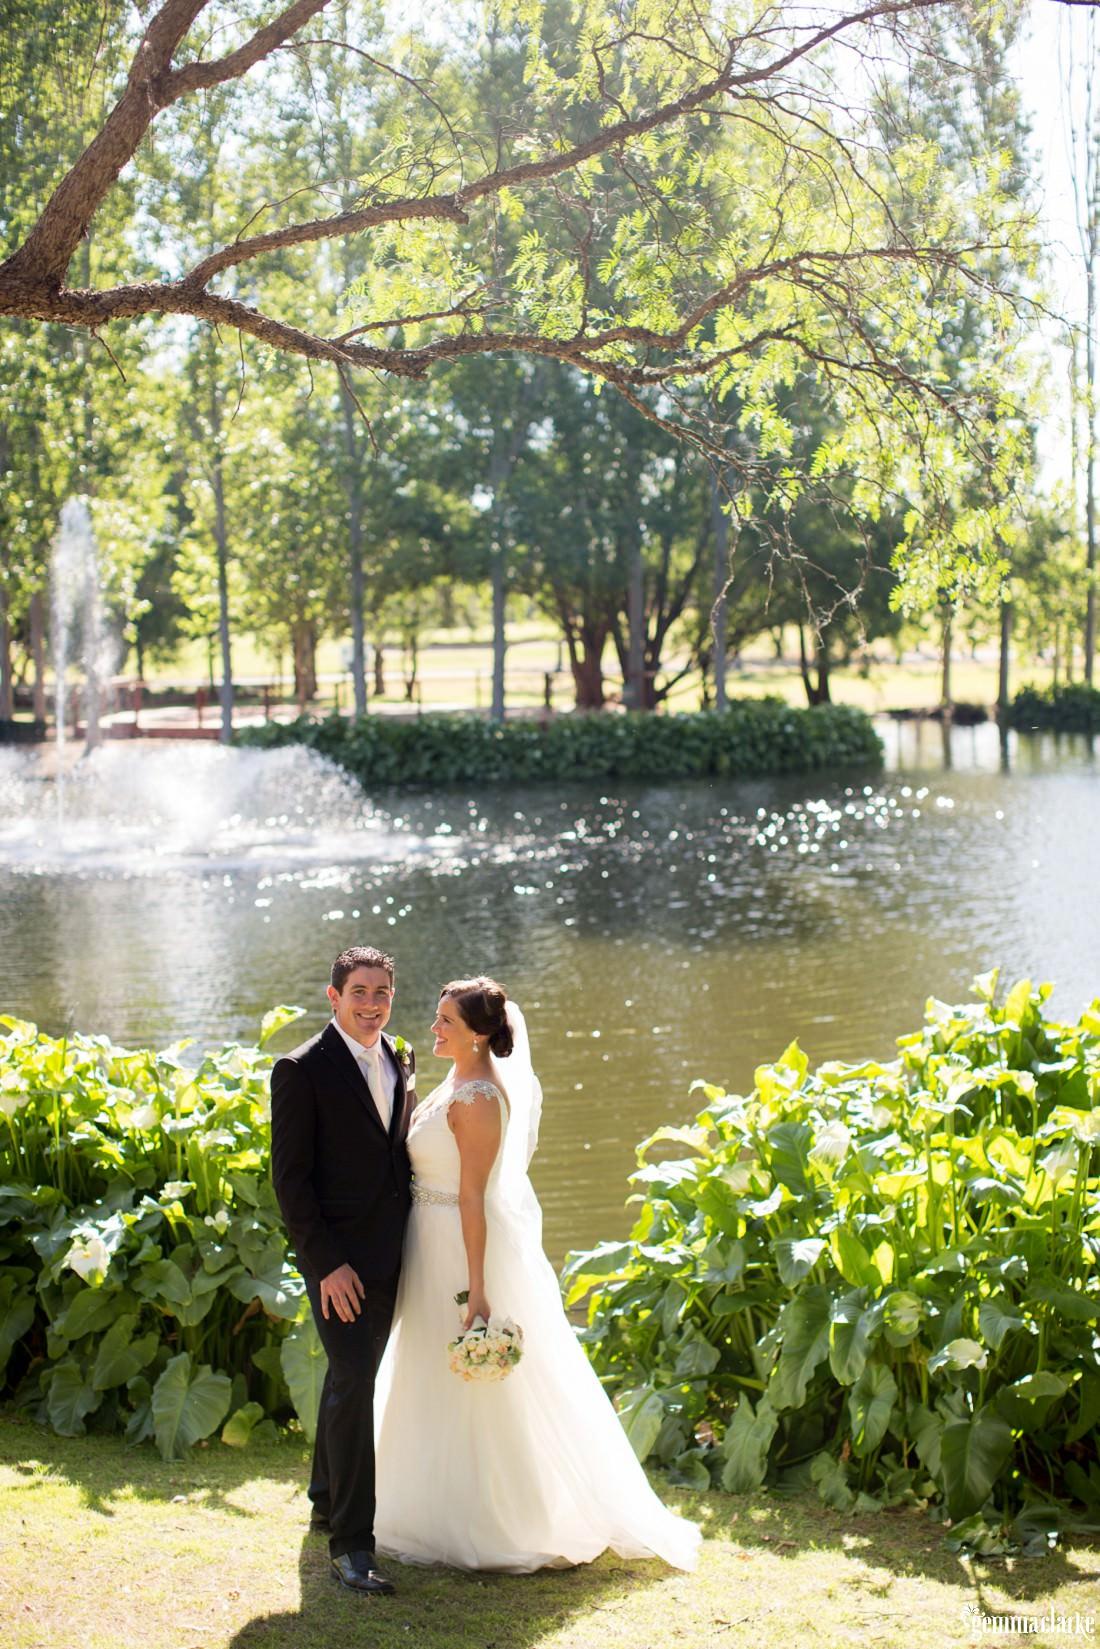 gemma-clarke-photography_sebel-hawkesbury-wedding_kathryn-and-chris_0030